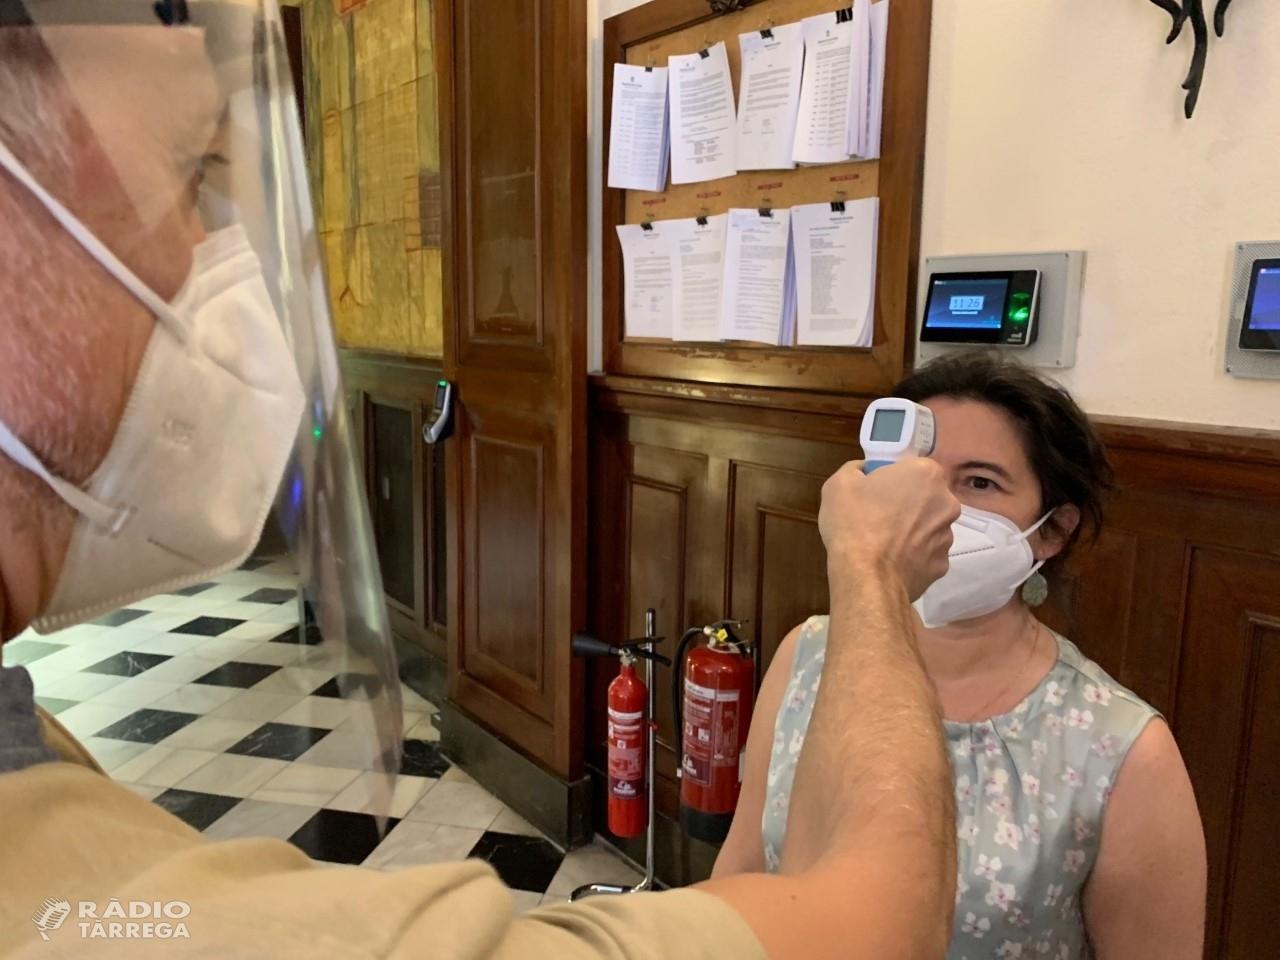 La Diputació facilita termòmetres digitals als ajuntaments i consells comarcals de la demarcació